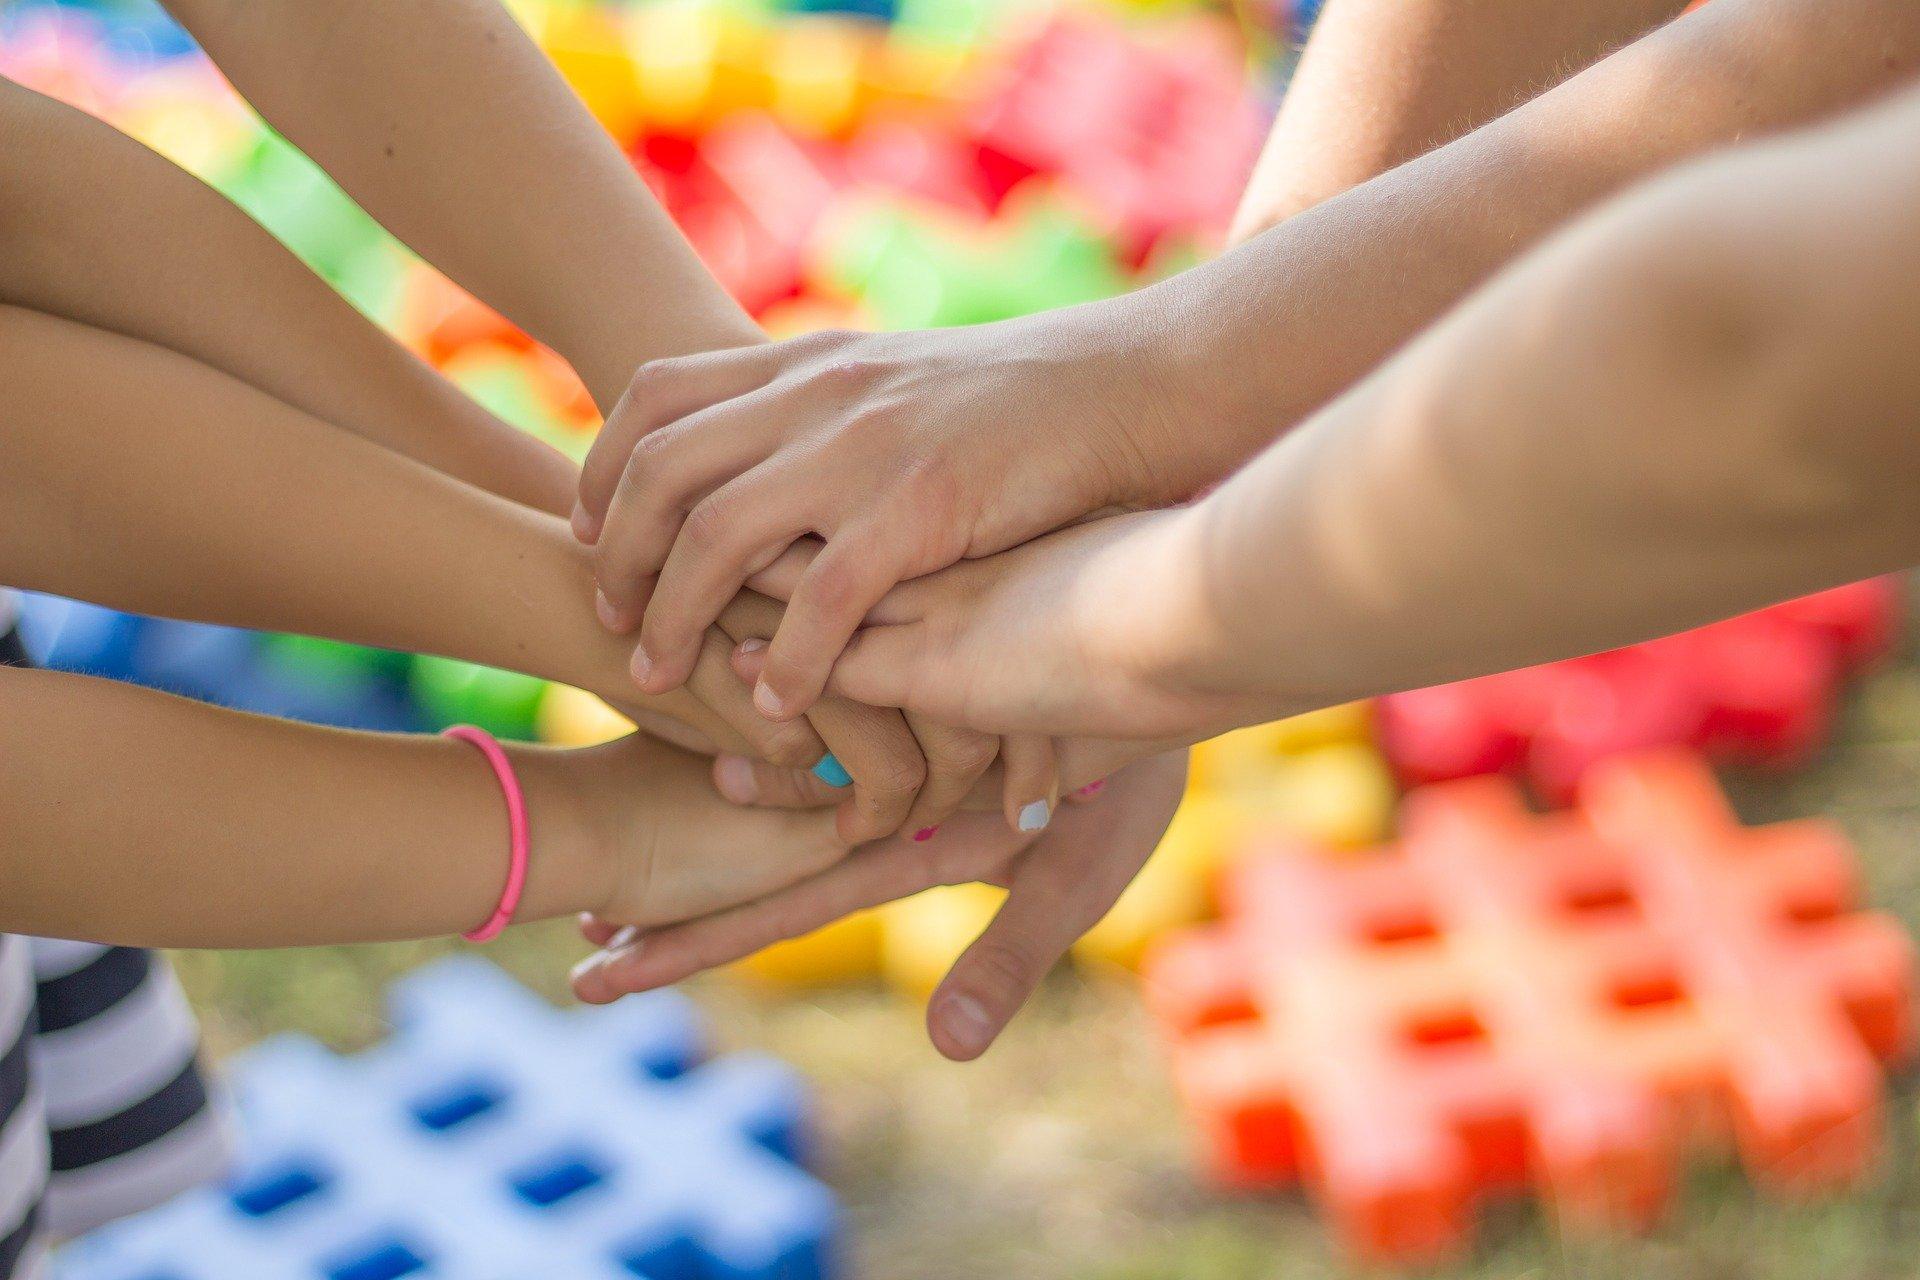 Am 12. Mai ist Internationaler Tag der Pflege. Lebenshilfe Bayern mahnt wegen geplanter Pflegereform. – Lebenshilfe Nürnberger Land bietet Verhinderungspflege und Kurzzeitpflege (FED).